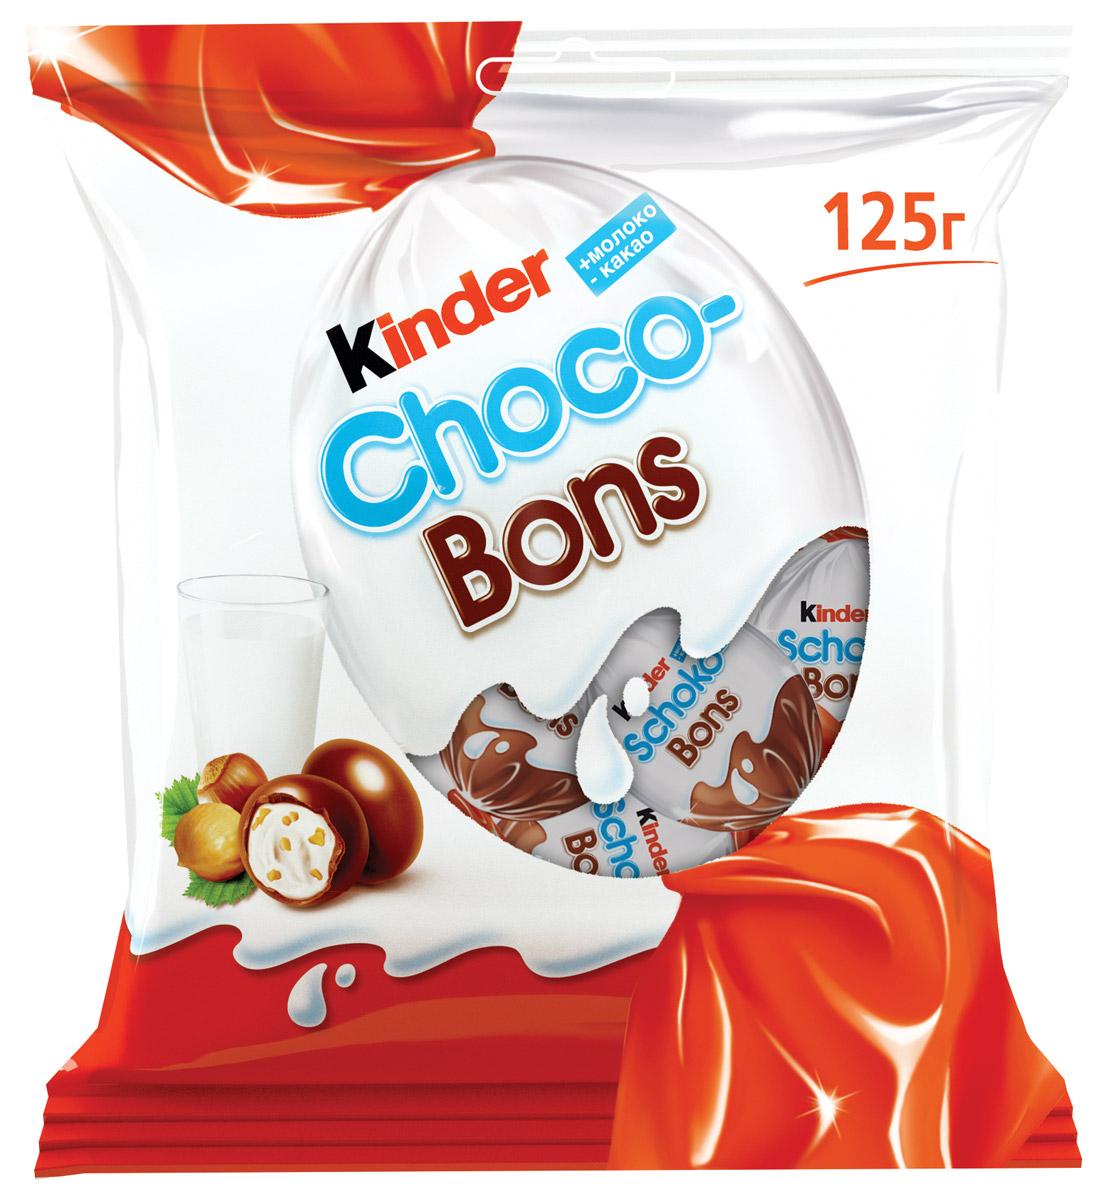 Kinder Choco Bons конфеты из молочного шоколада с молочно-ореховой начинкой, 125 г kinder mix лось подарочный набор с игрушкой 137 5 г